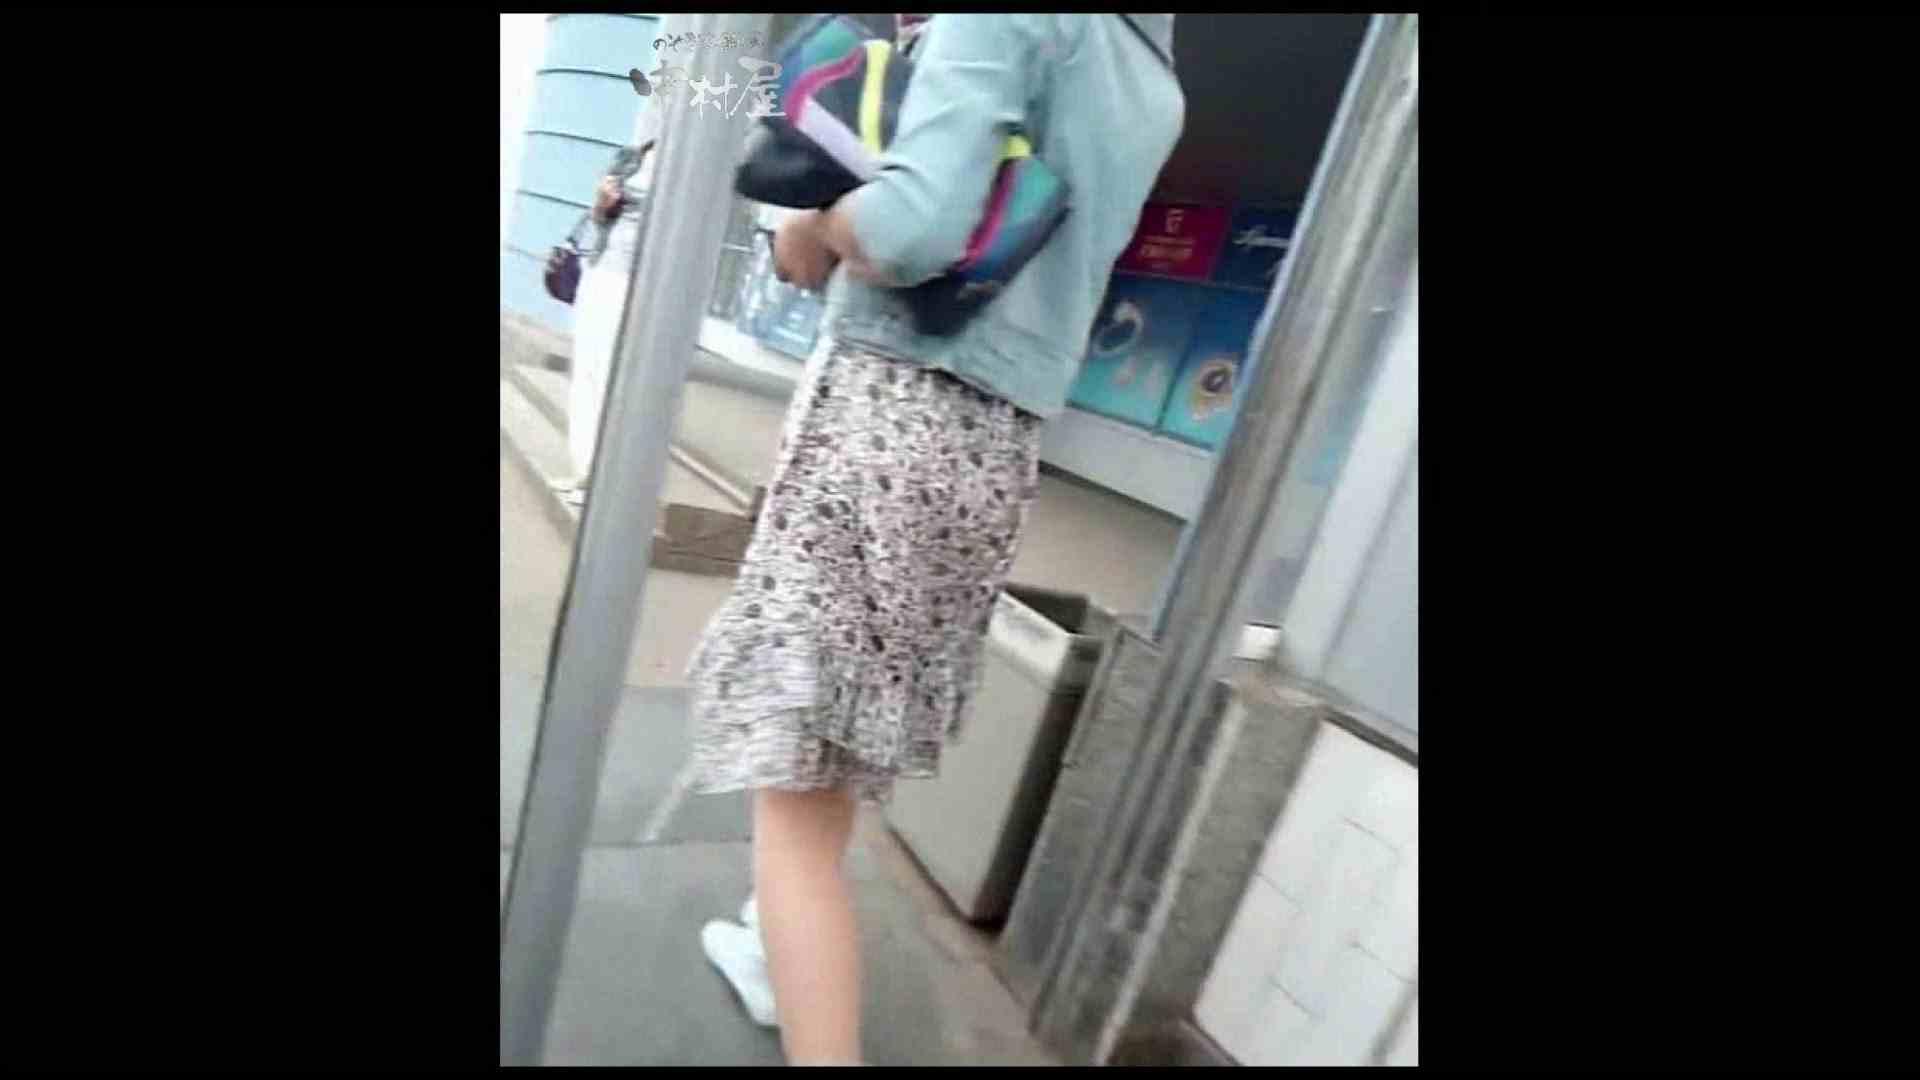 綺麗なモデルさんのスカート捲っちゃおう‼ vol30 お姉さん丸裸  96pic 48